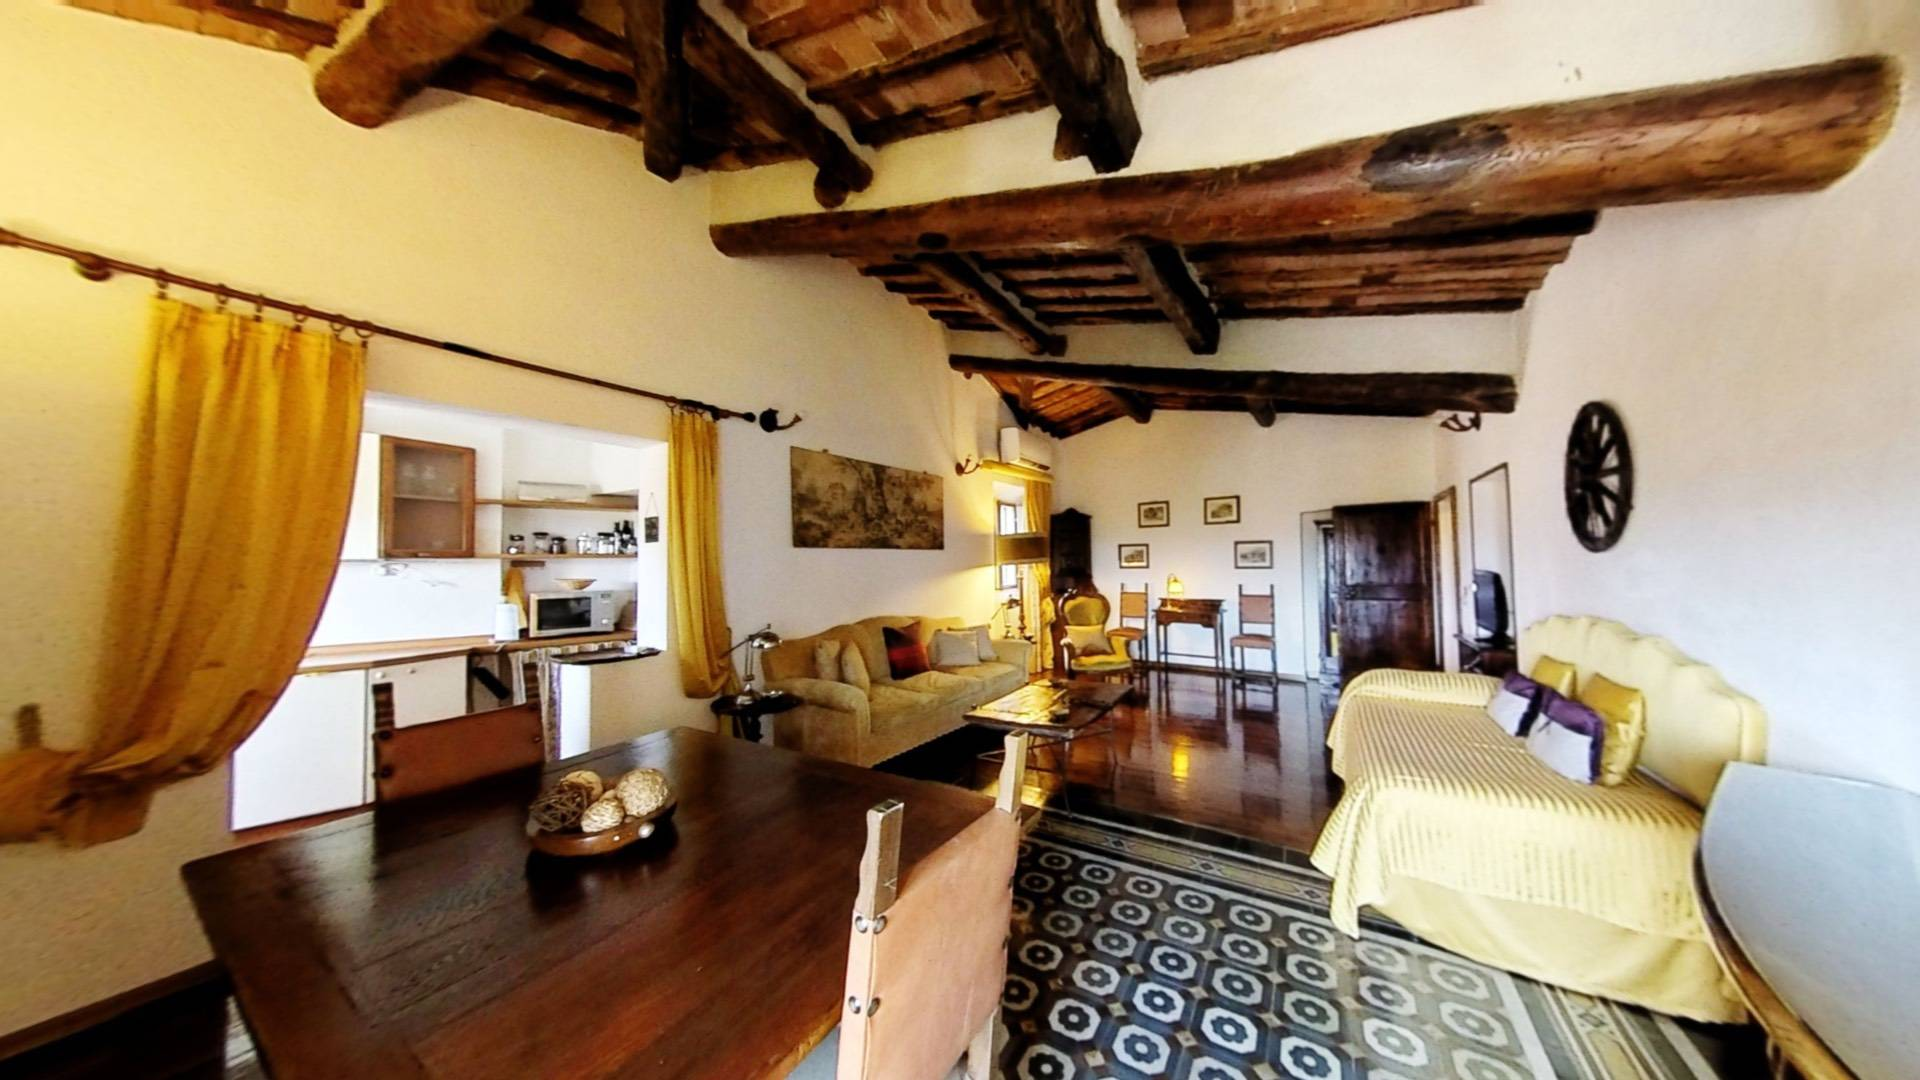 Appartamento in Vendita a Siena: 3 locali, 100 mq - Foto 3